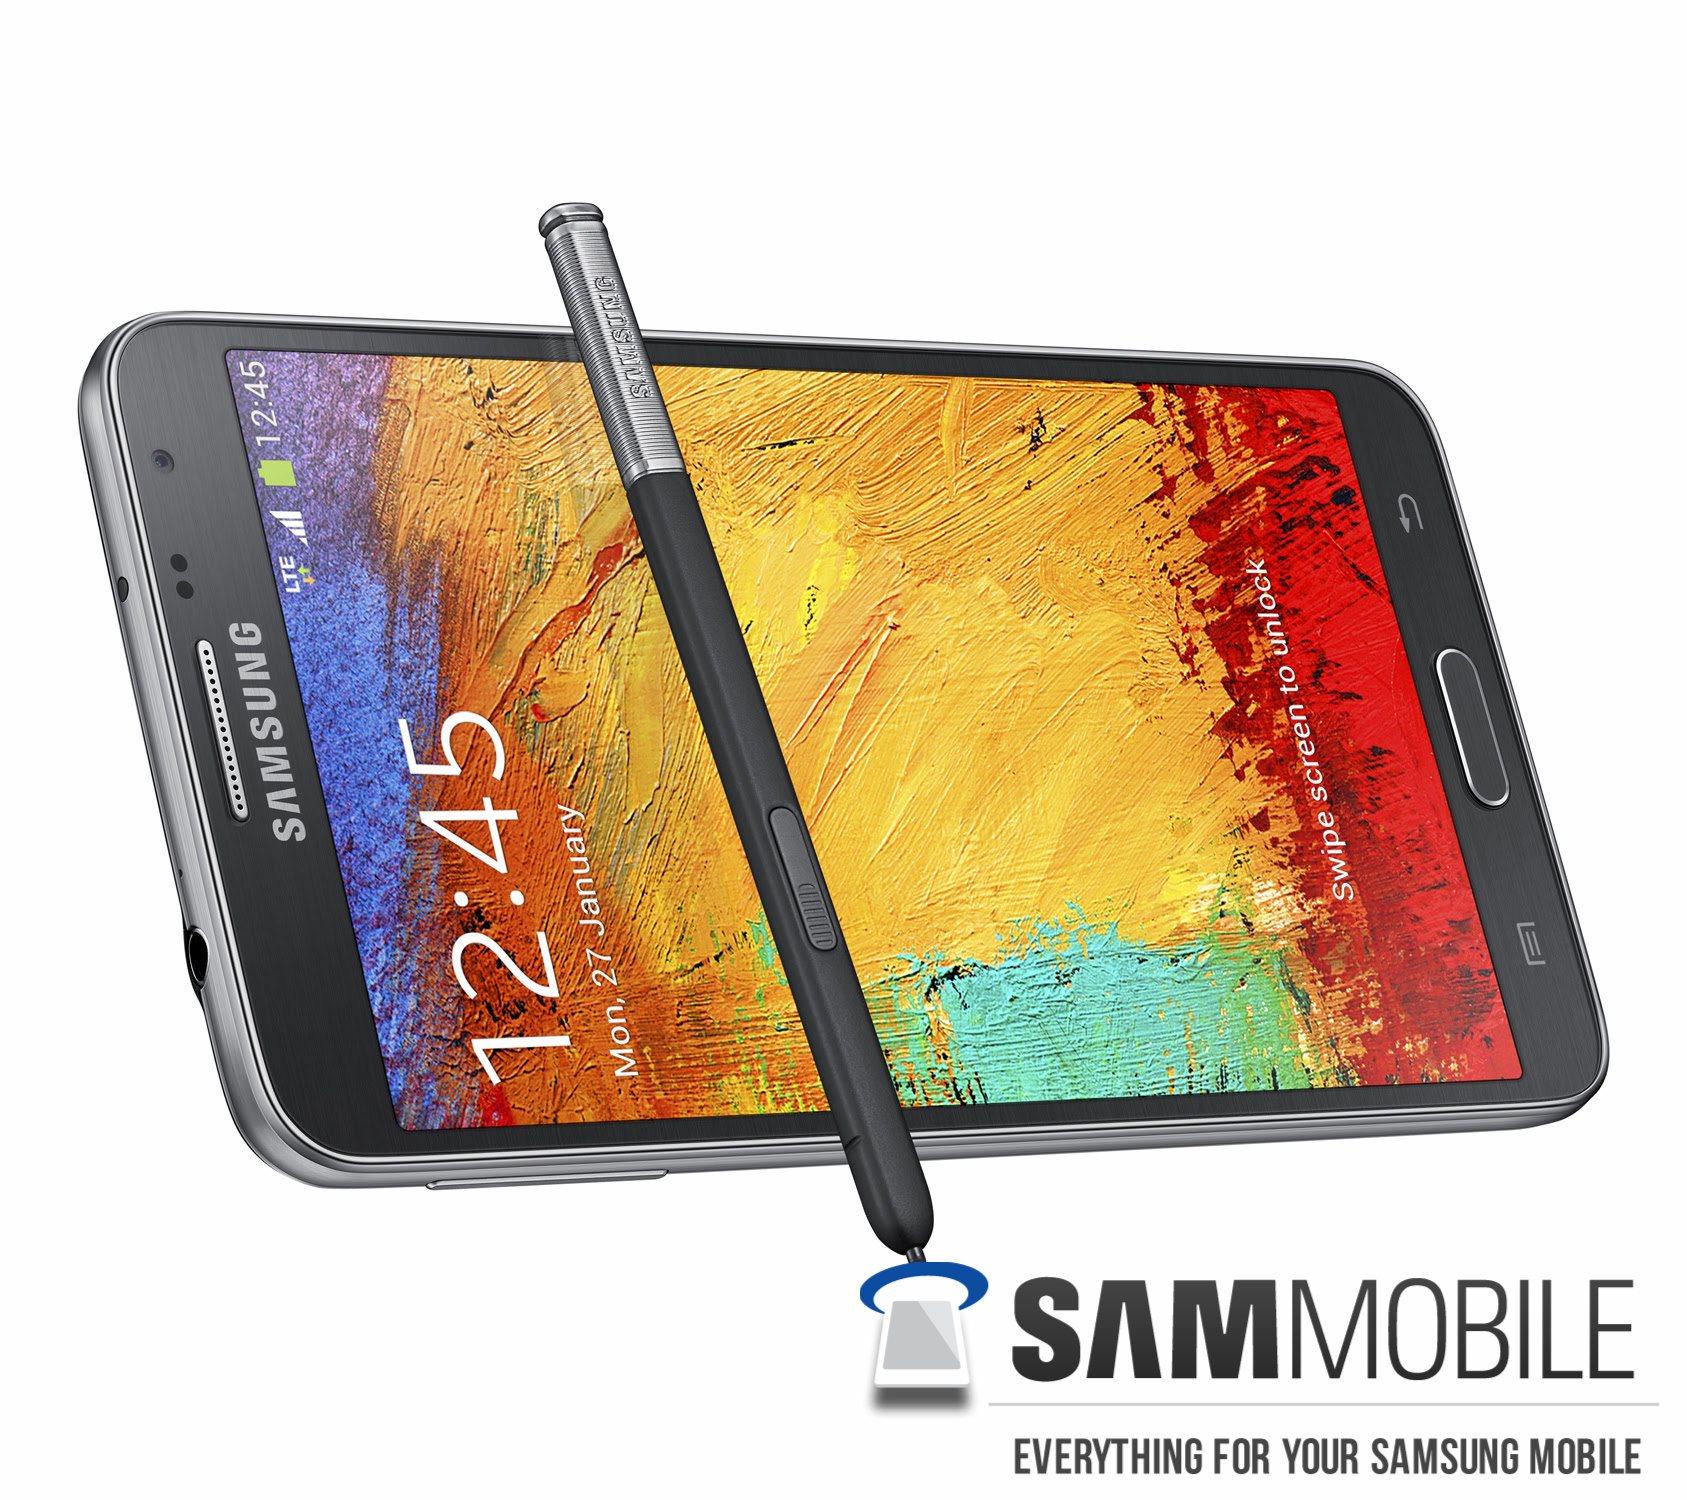 GALAXY Note 3 NEO SamMobile 1